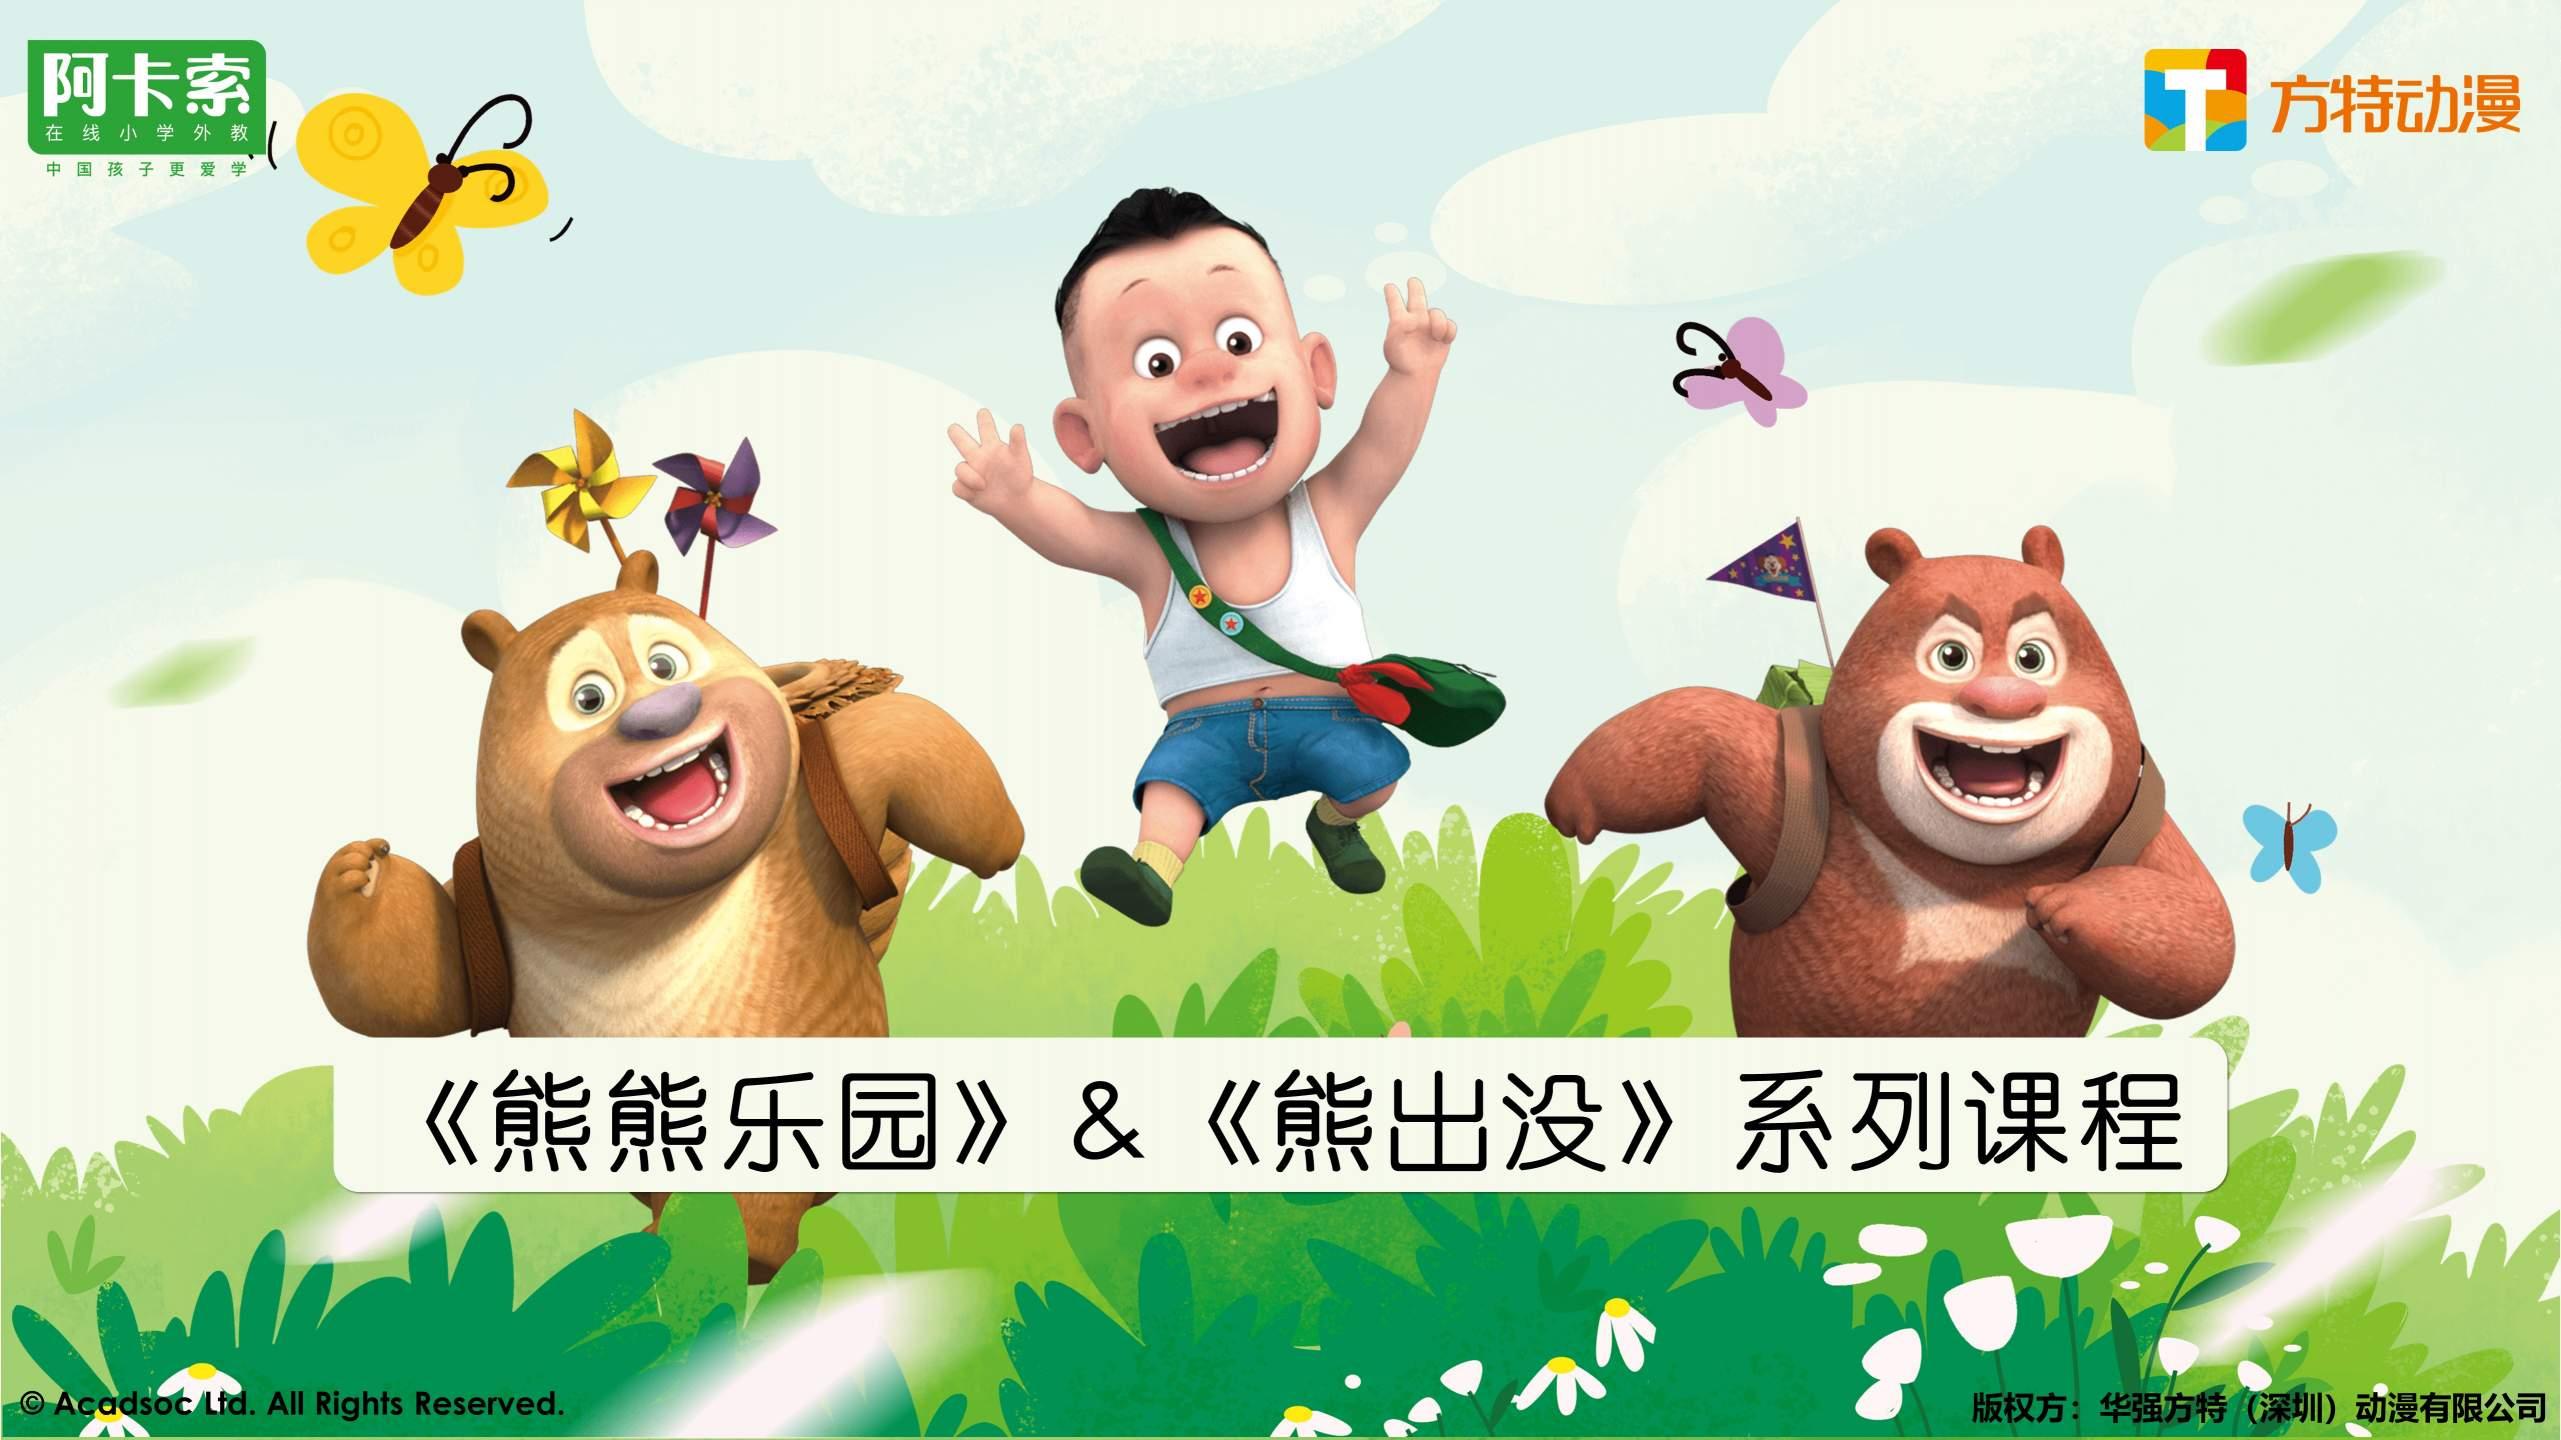 熊熊乐园&熊出没